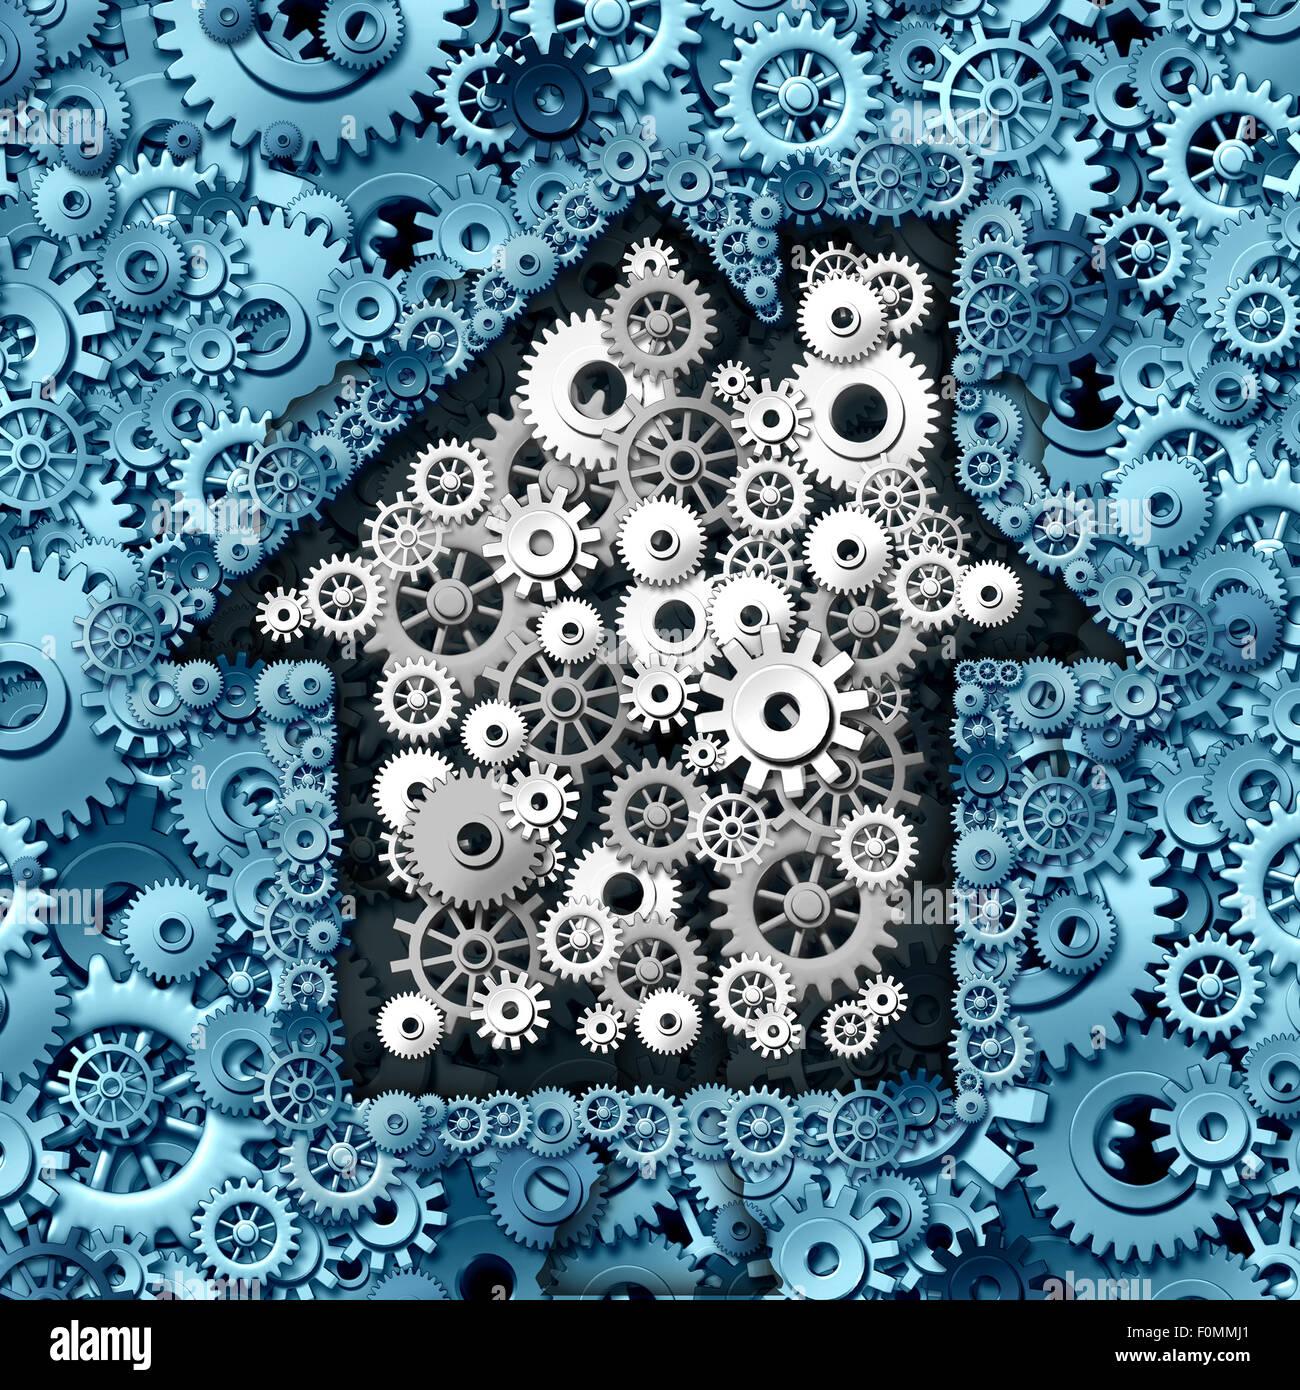 Immobili business concept come casa o home automation fatta di ingranaggi e ruote cog come un simbolo per gli investimenti Immagini Stock